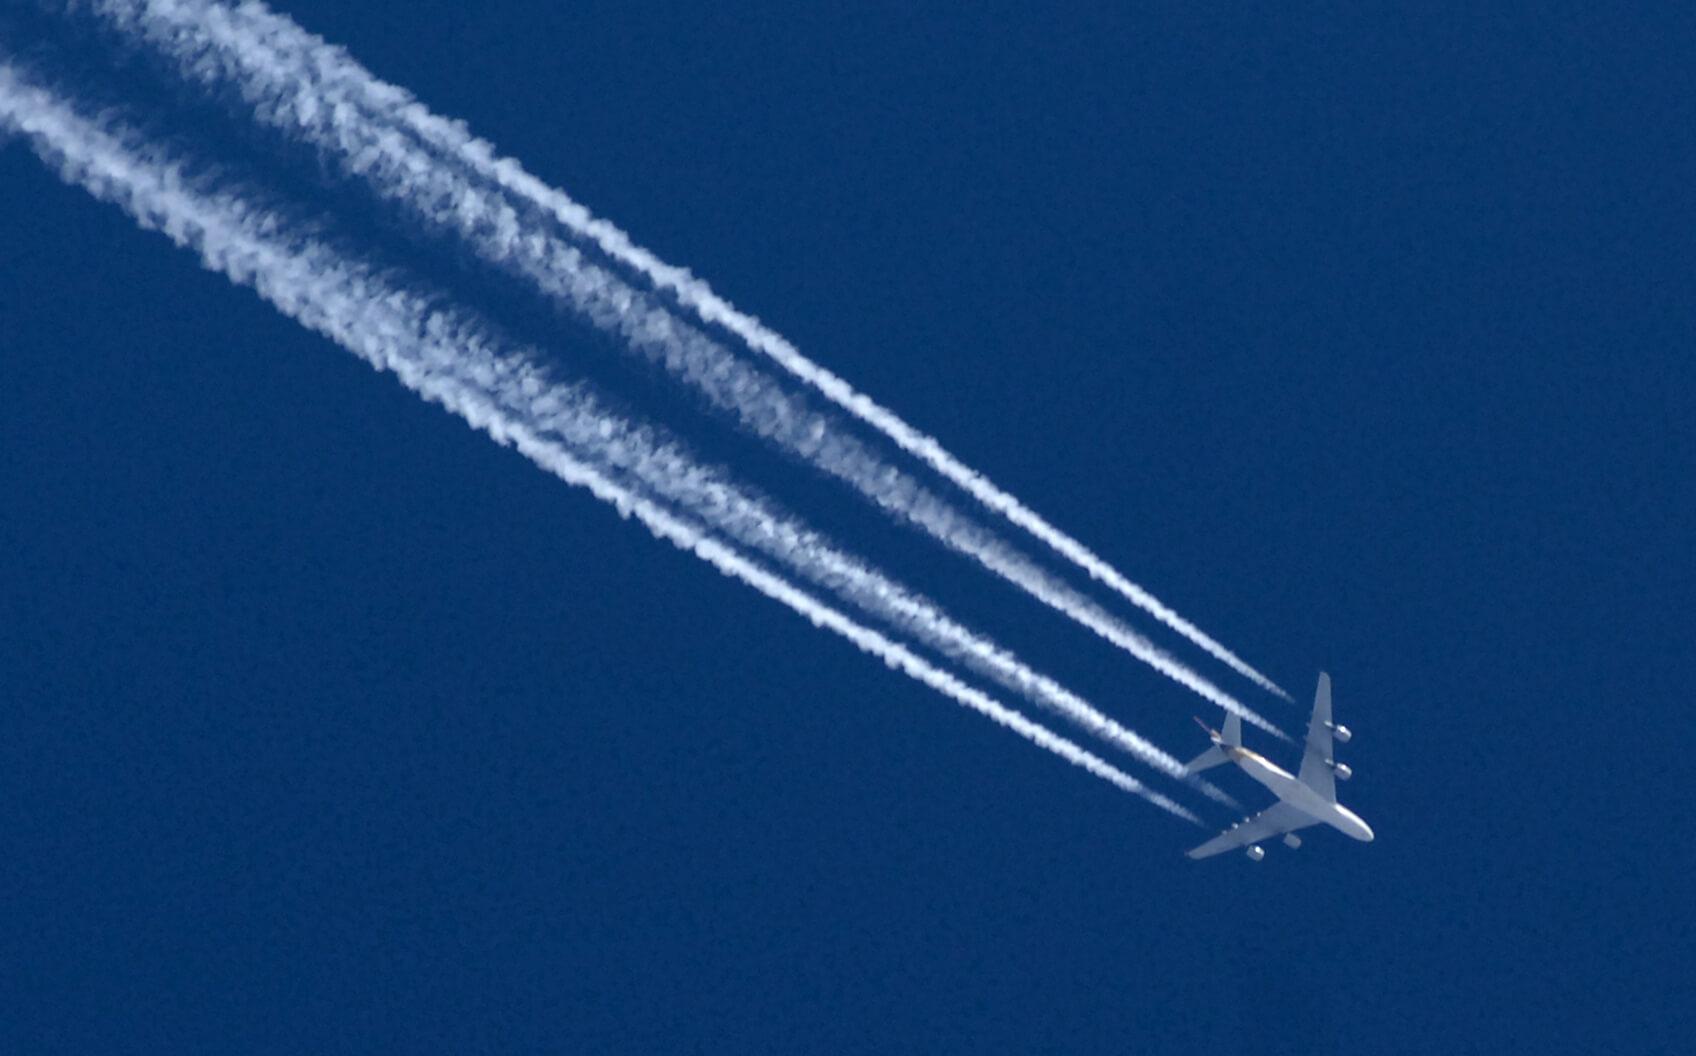 Θεσσαλονίκη: Απρόοπτο λίγο πριν την προσγείωση αεροπλάνου – Τι ζήτησε ο πιλότος για να συνεχίσει!